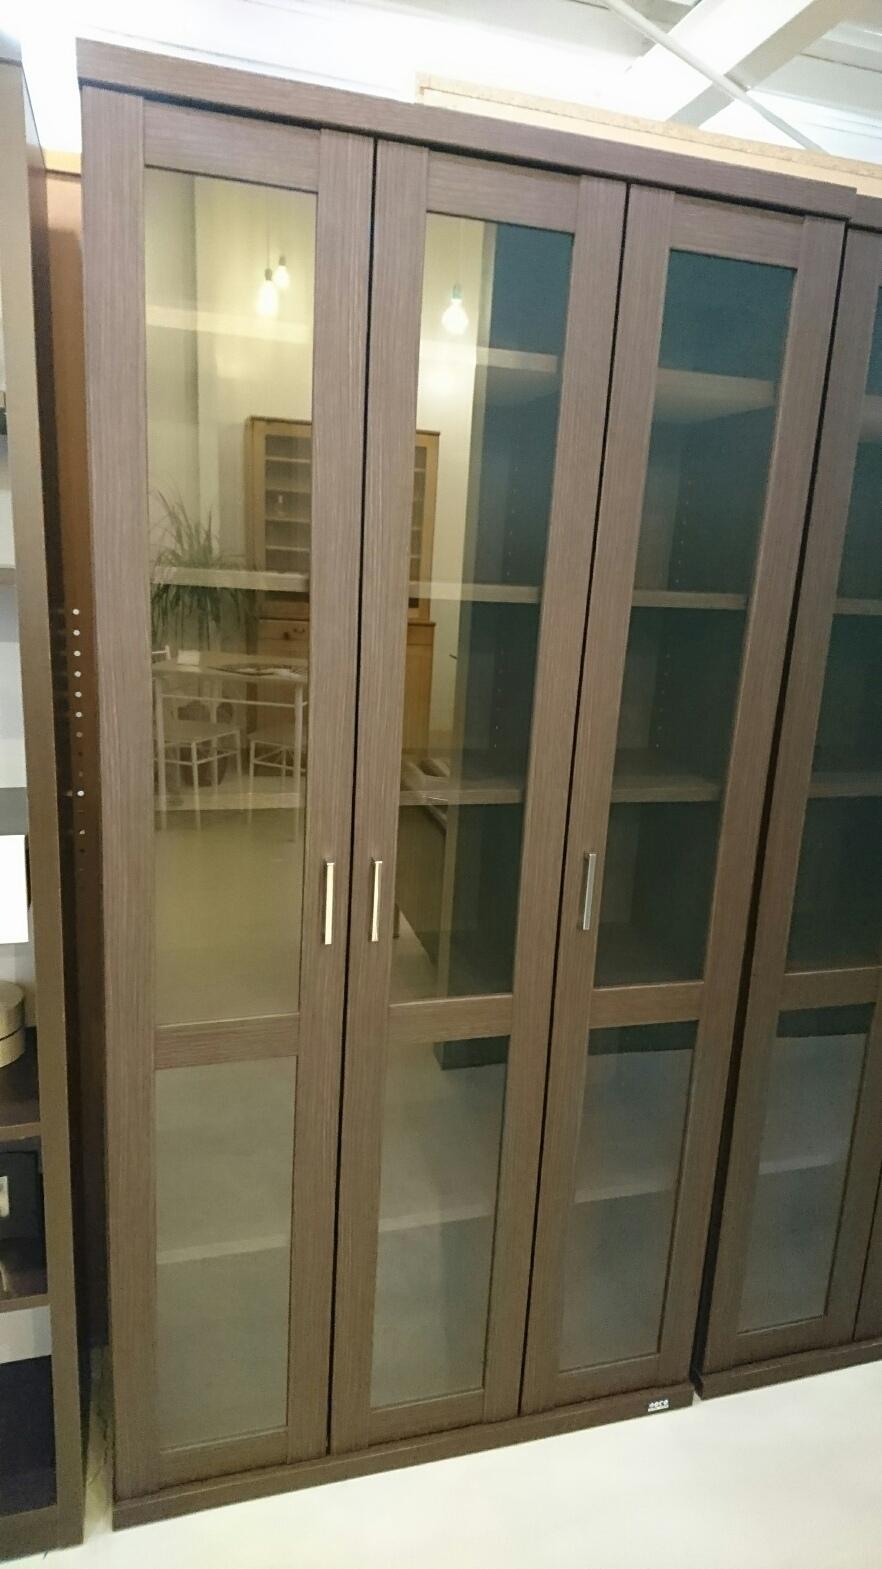 宇都宮 本棚 買取 リサイクル